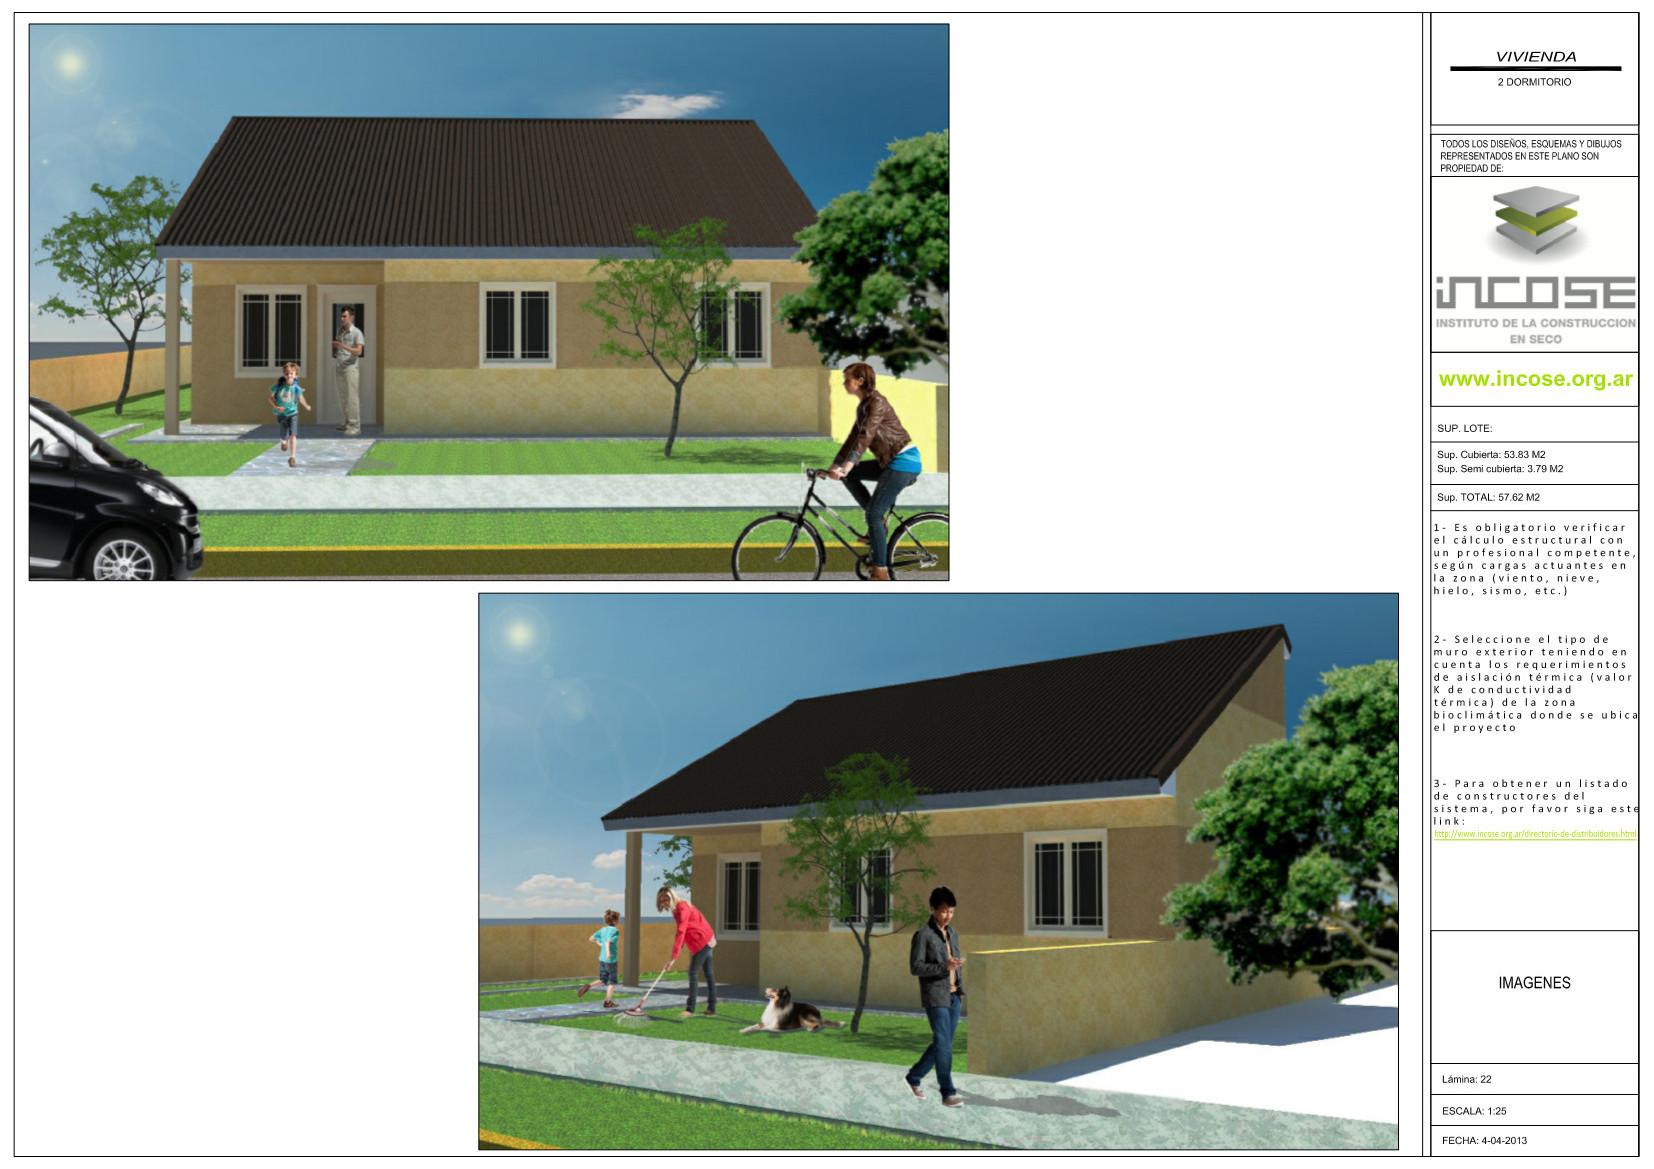 Construcci n en seco foro ver tema sali sorteado en for Foro casas con vida